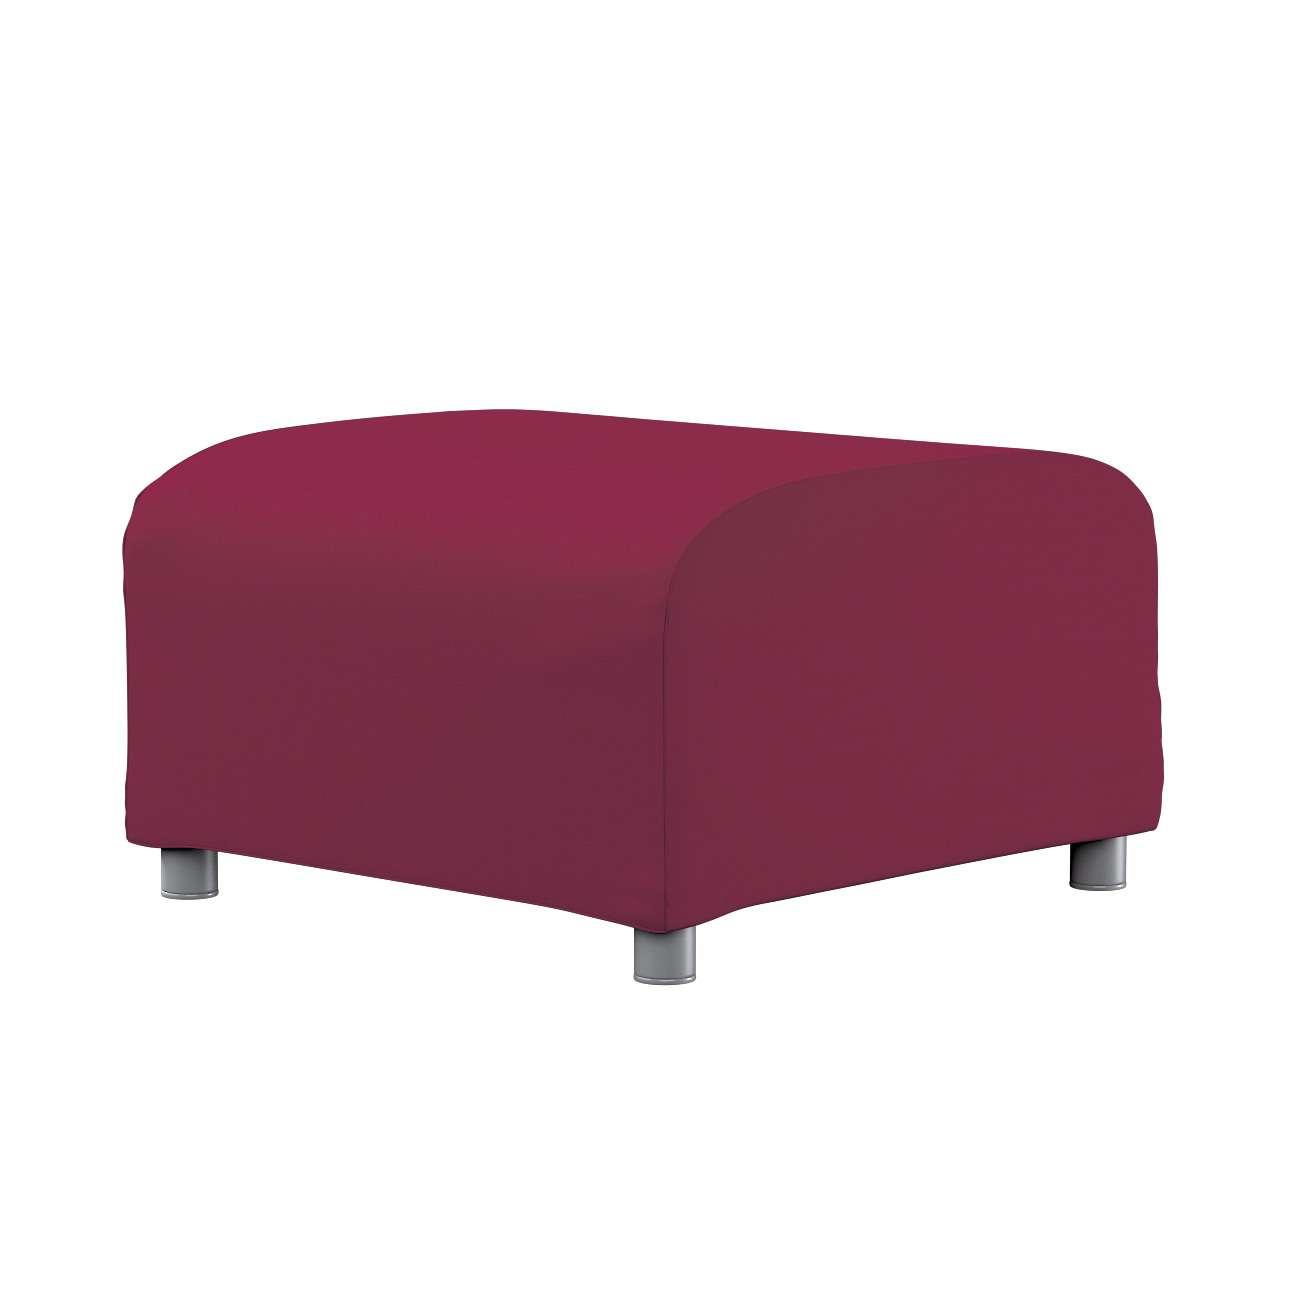 KLIPPAN pufo užvalkalas Klippan footstool cover kolekcijoje Cotton Panama, audinys: 702-32